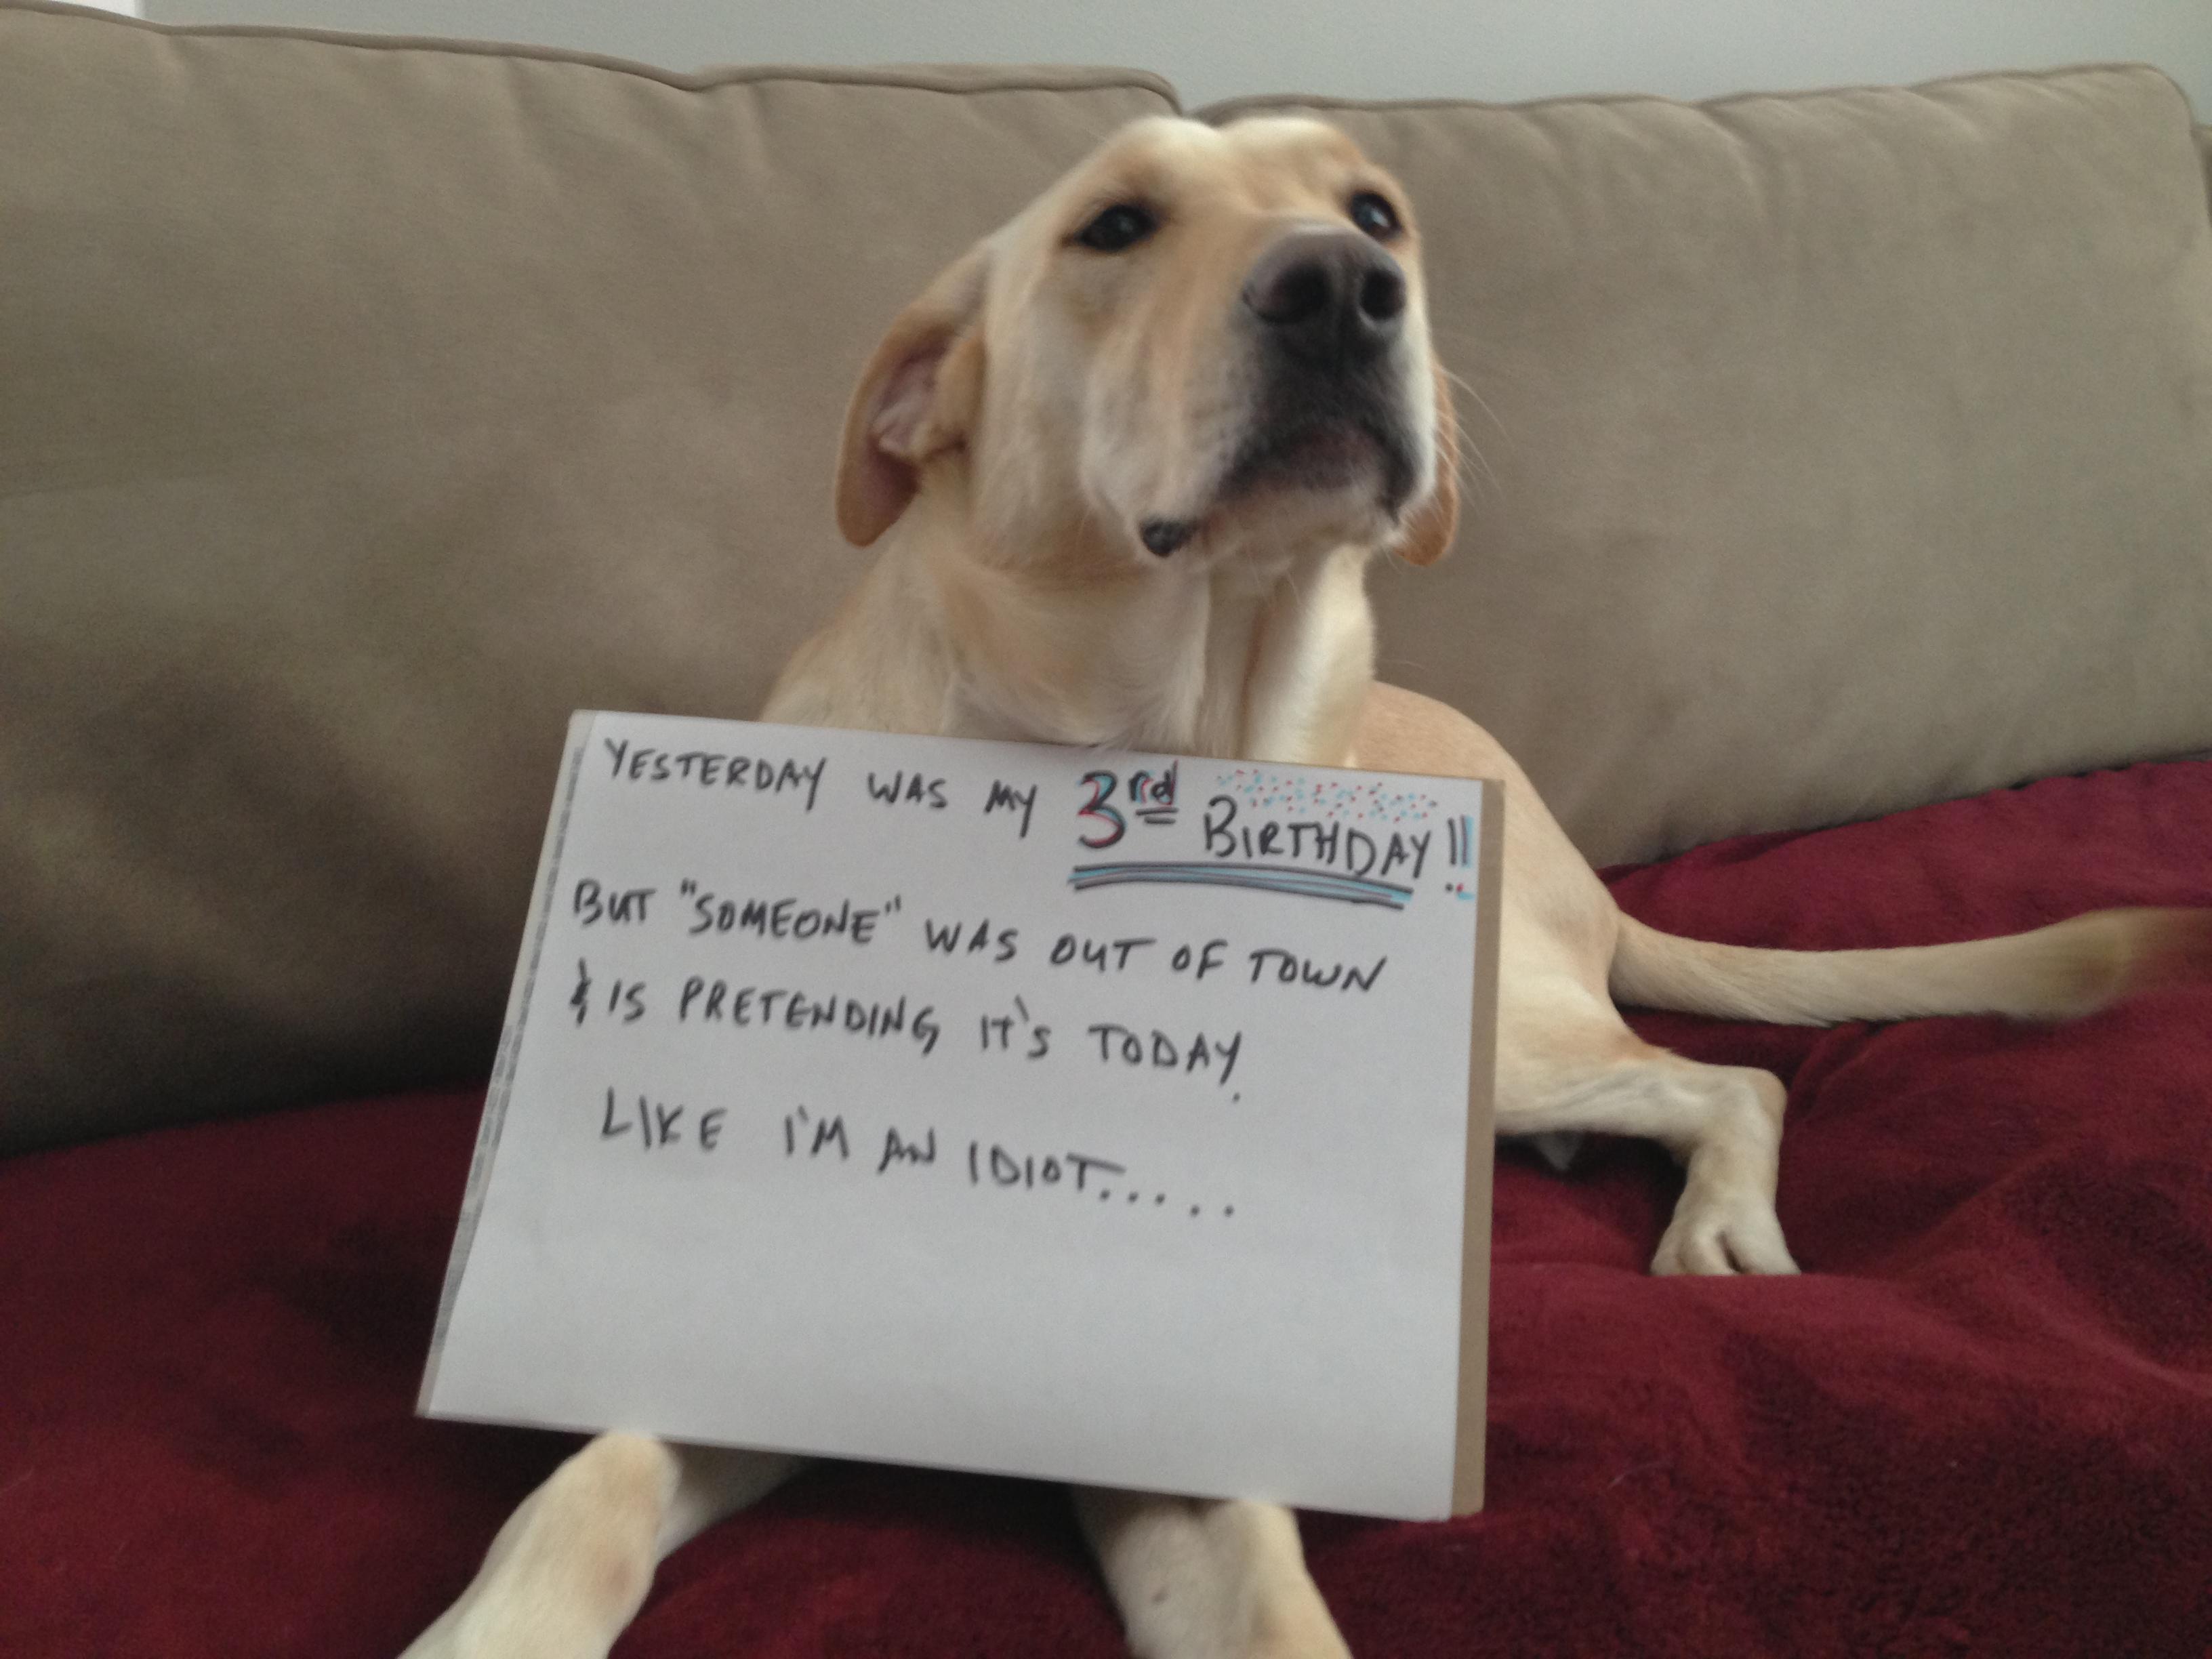 Reverse dog shaming